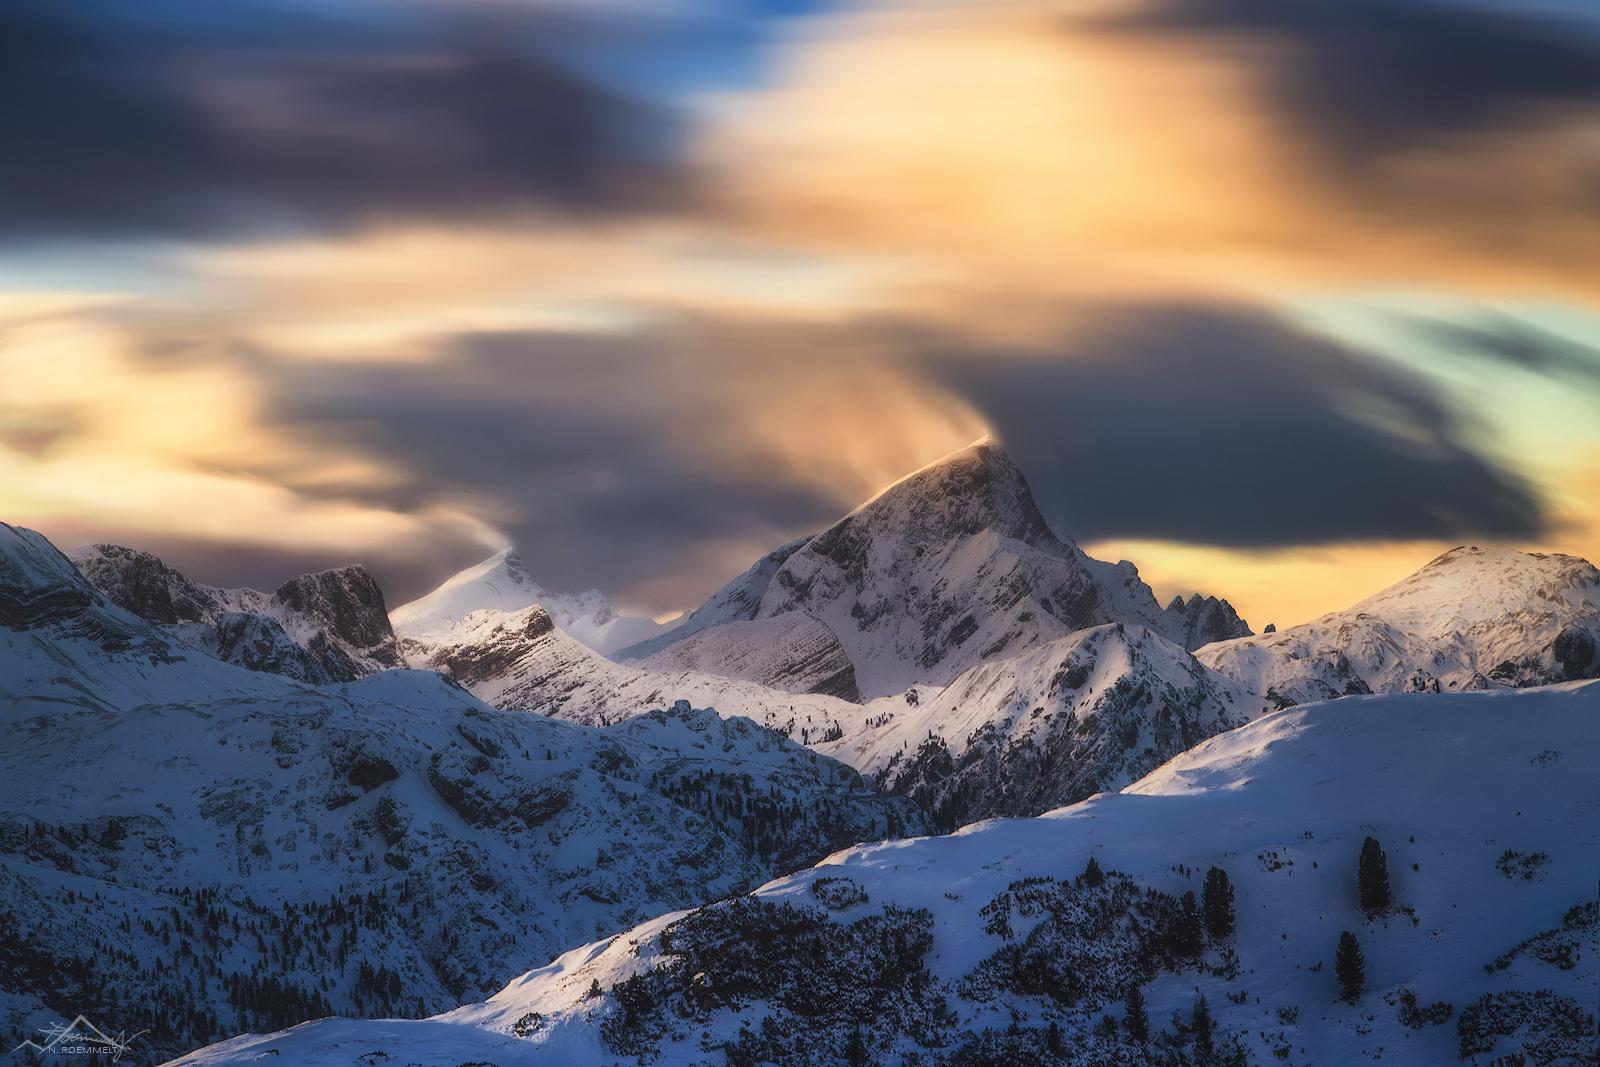 Summit of Strudelkopf, Italy